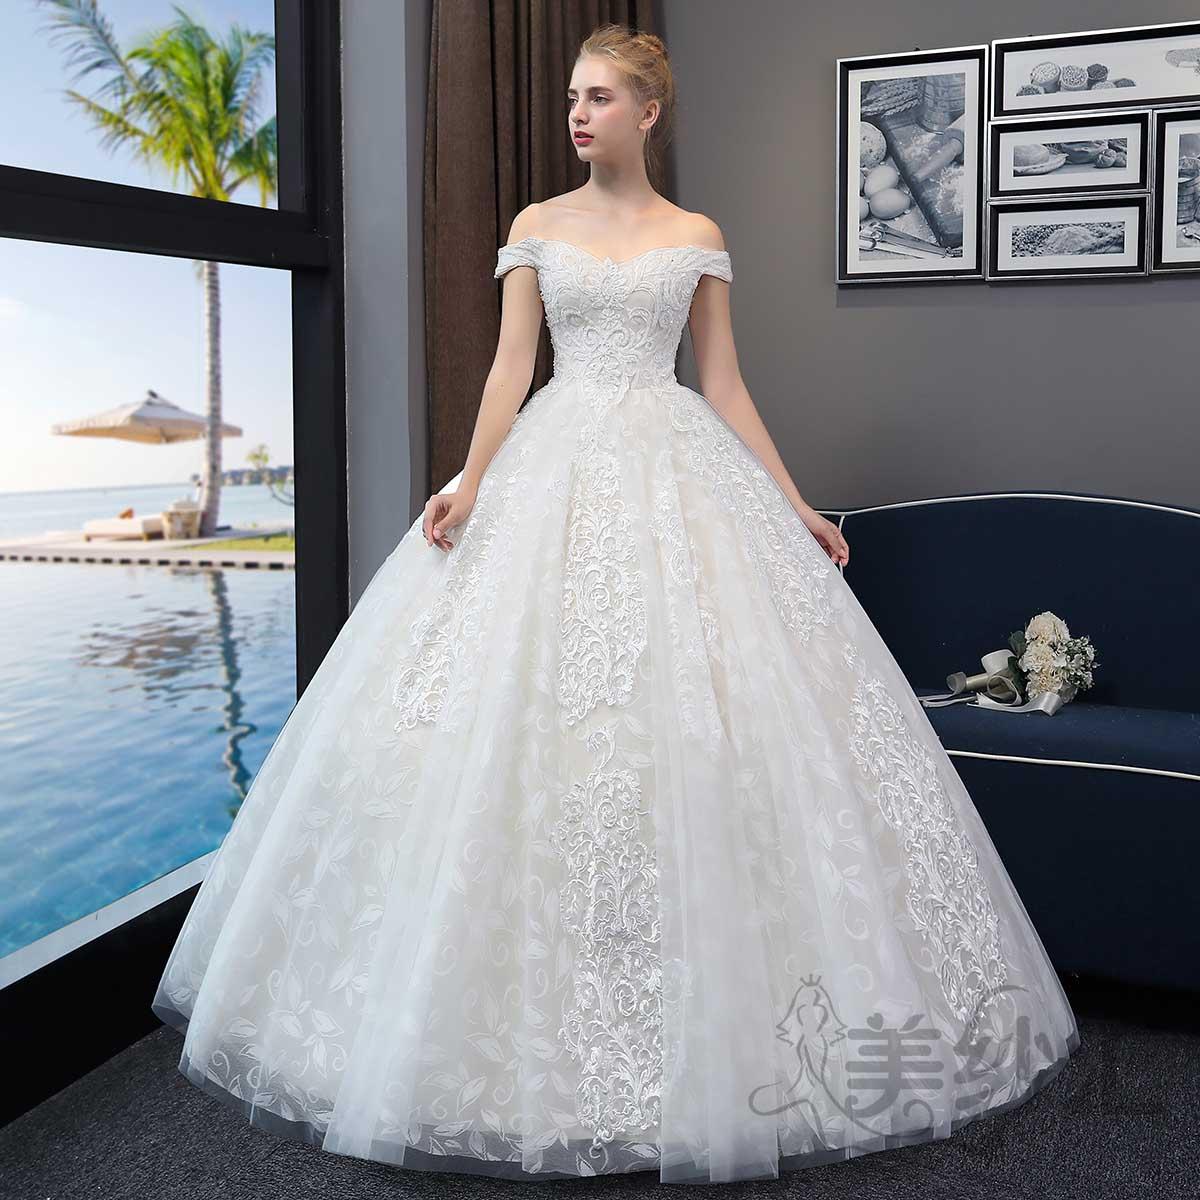 精美花纹一字肩新娘结婚当天嫁衣齐地婚纱绑带款1010722804 香槟色 均码